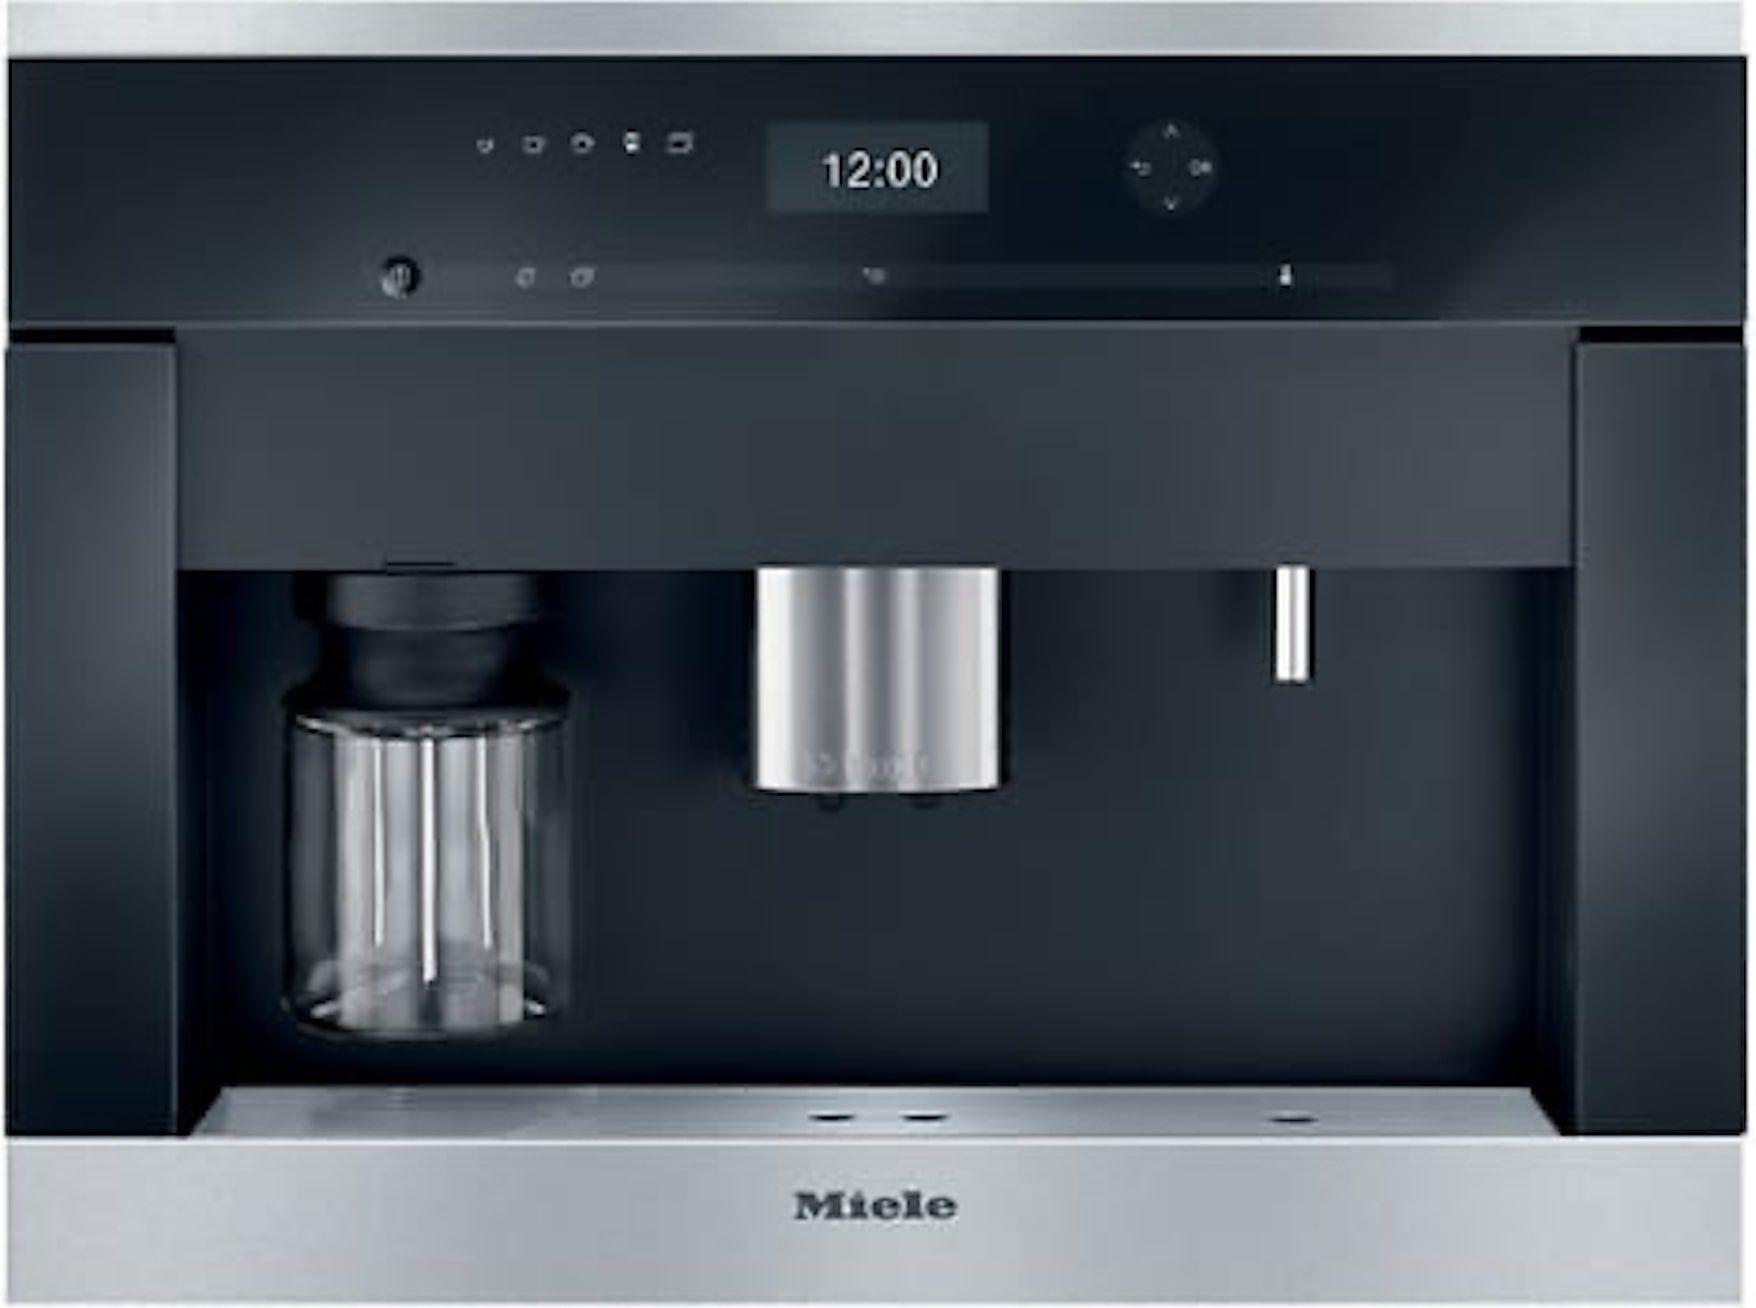 miele-CVA-6401-built-in-espresso-system